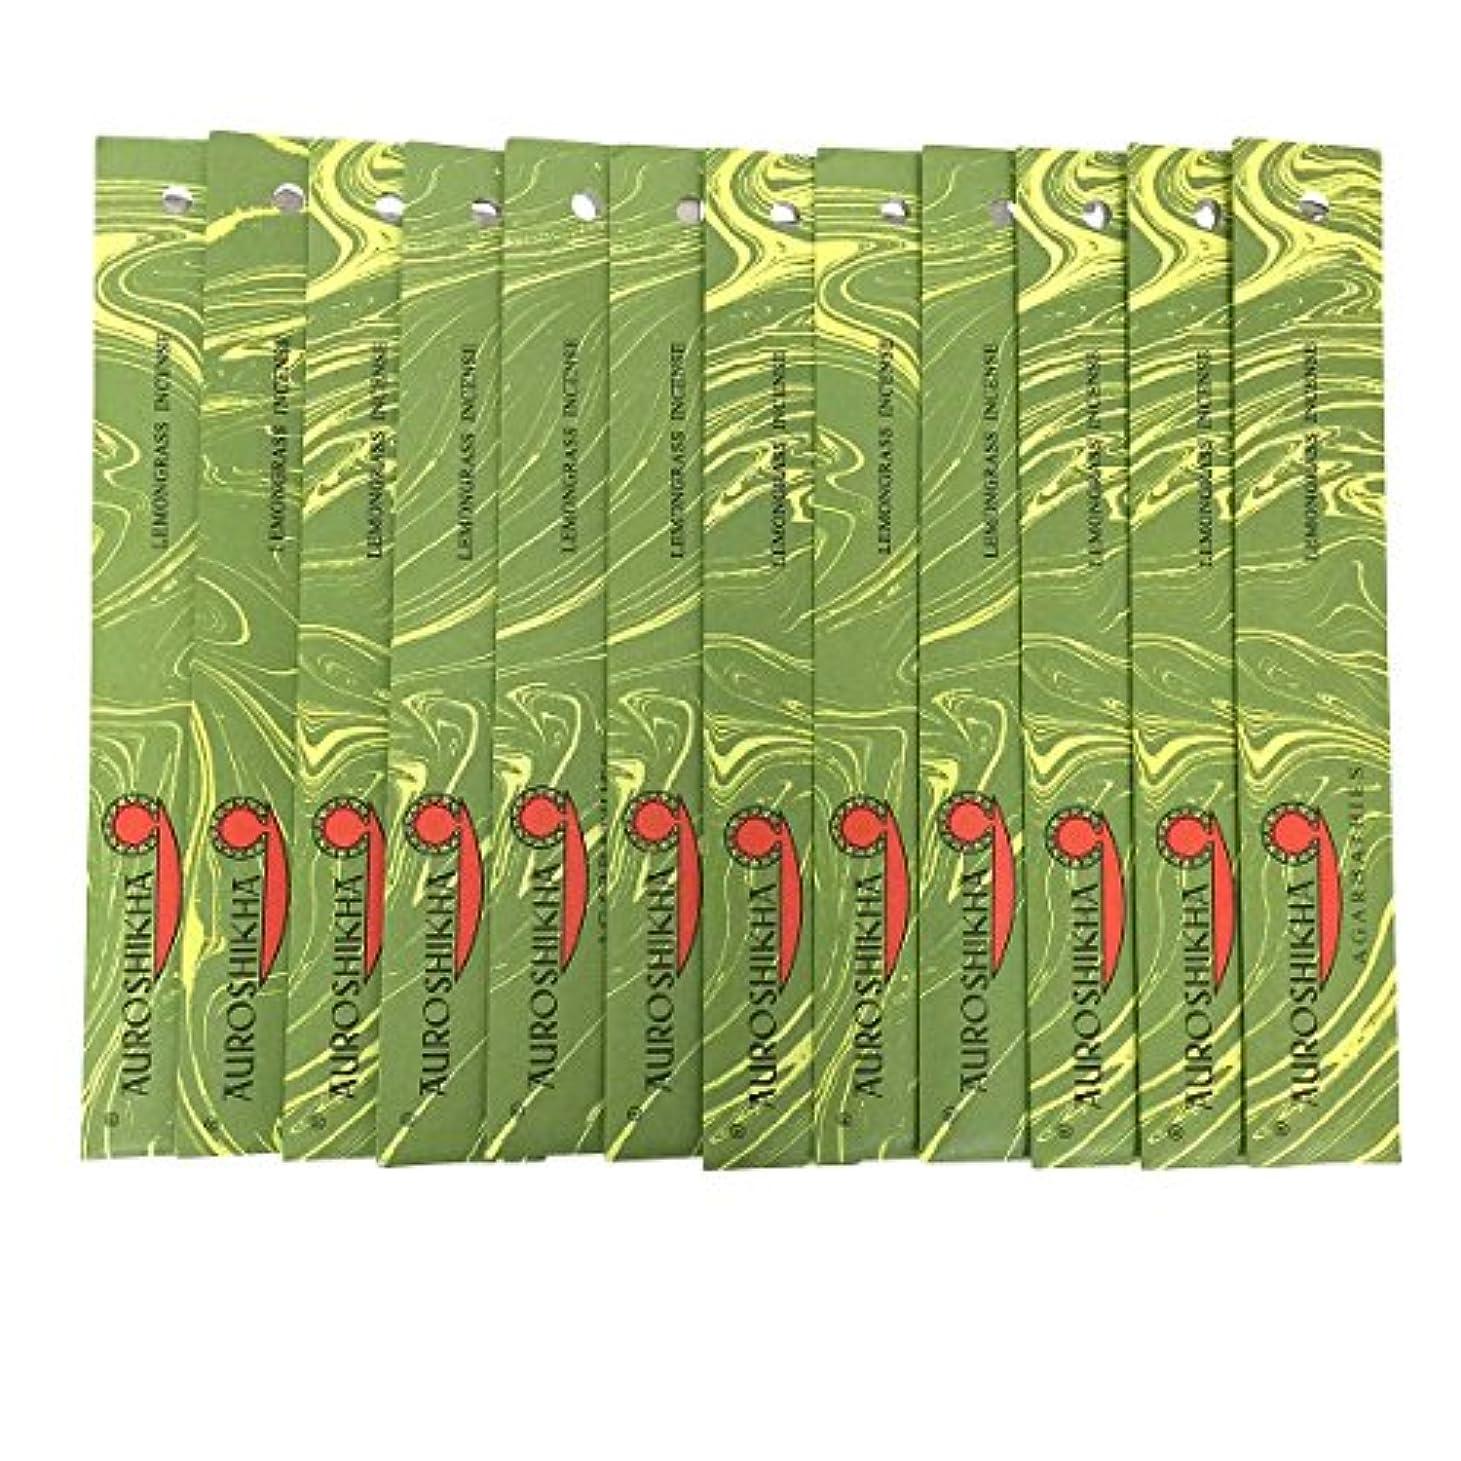 横たわる十代の若者たち眠りAUROSHIKHA オウロシカ(LEMONGRASSレモングラス12個セット) マーブルパッケージスティック 送料無料